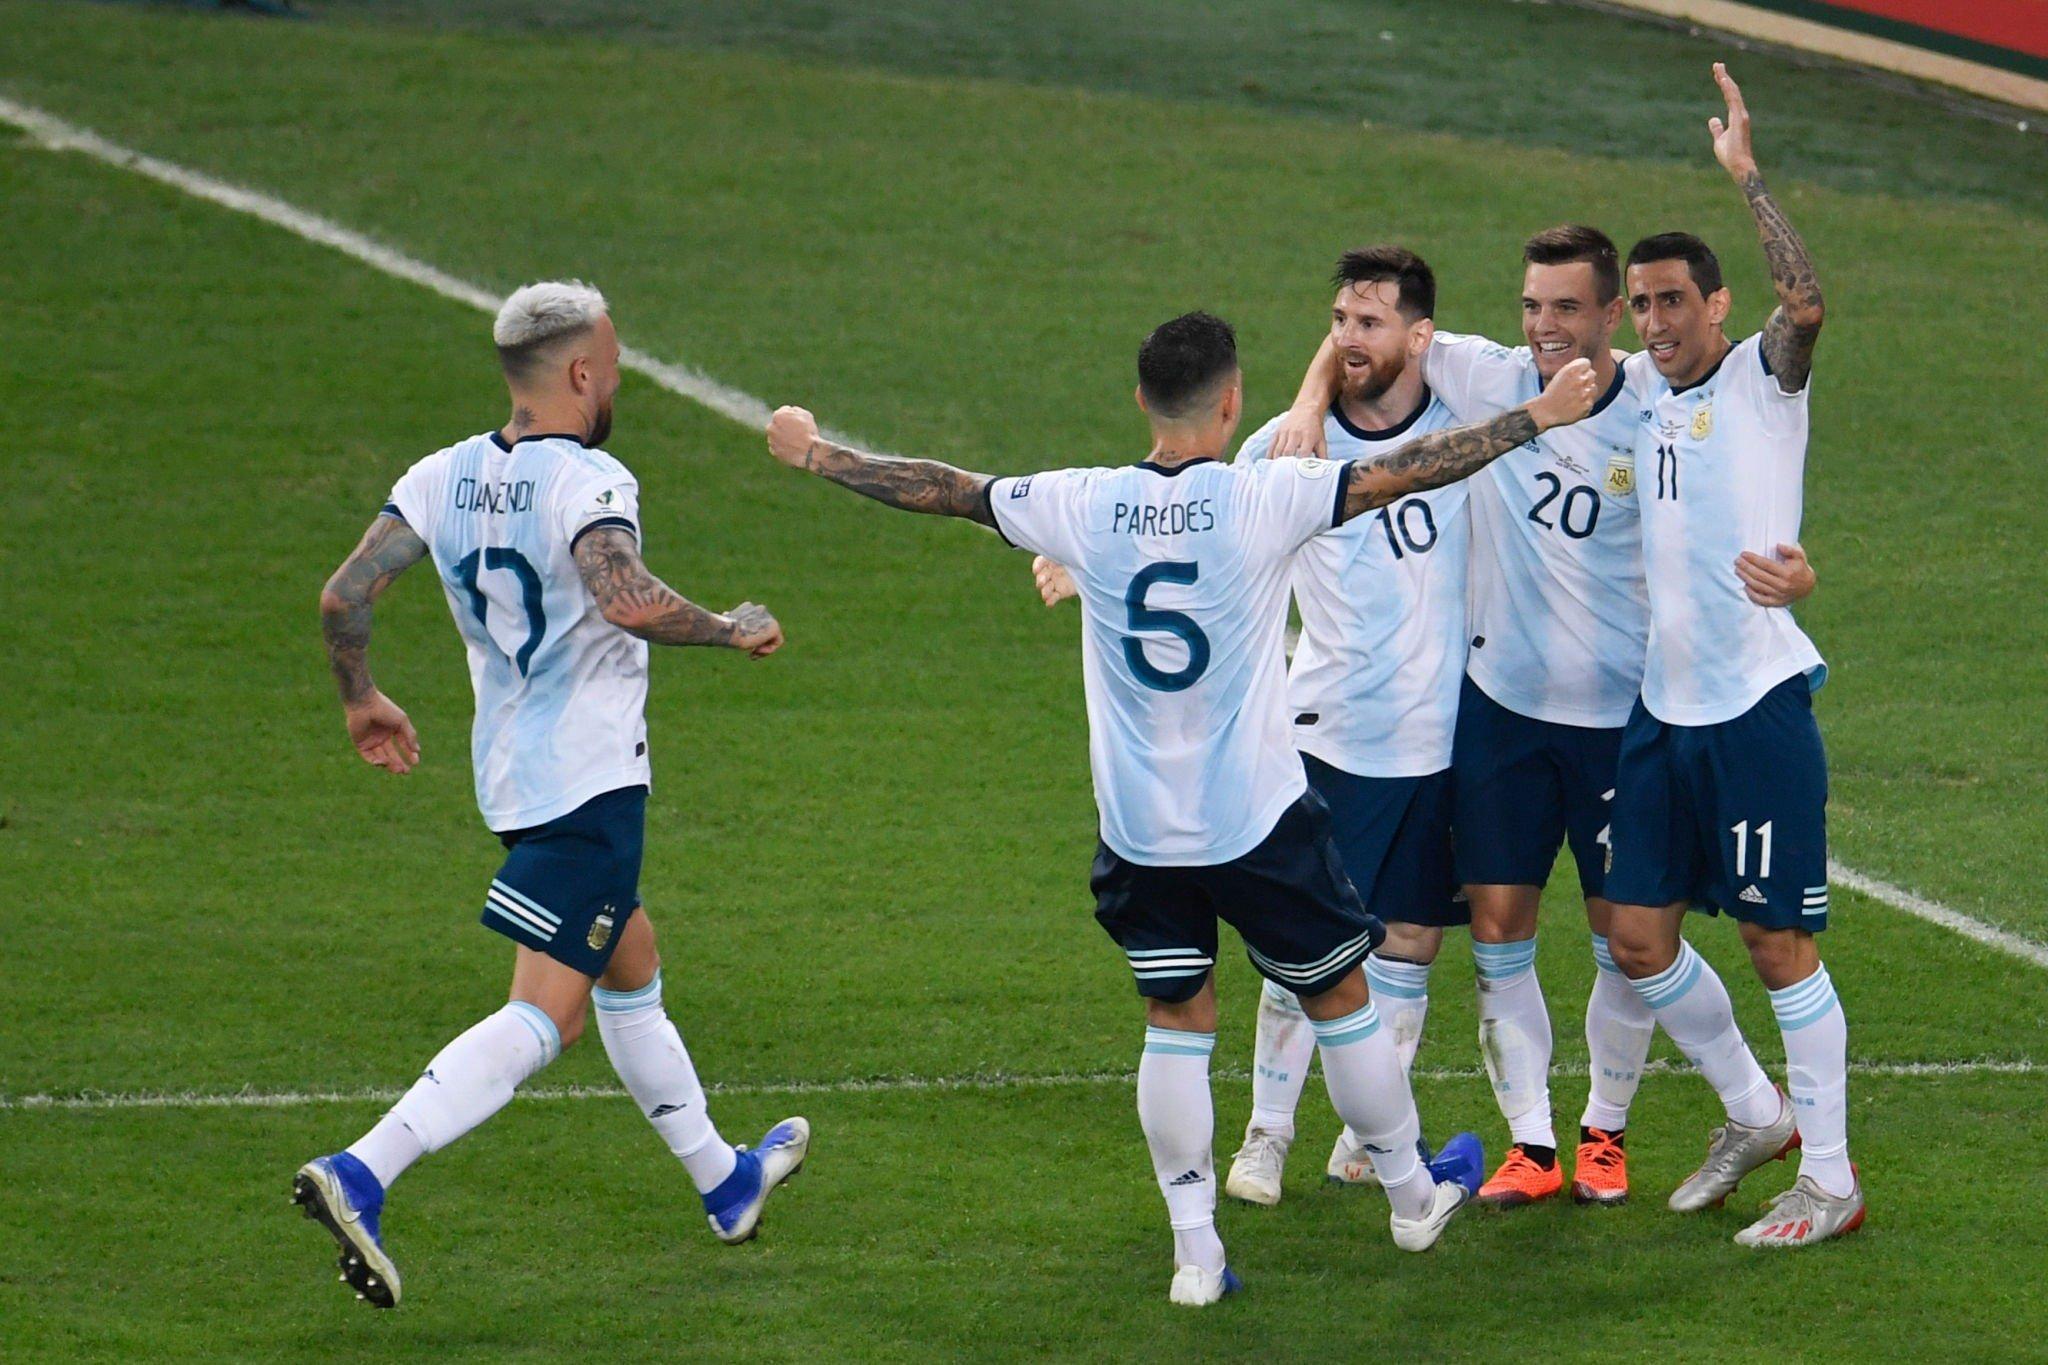 أهداف فوز الأرجنتين على فنزويلا وتأهلهم إلى نصف نهائي كوبا أمريكا